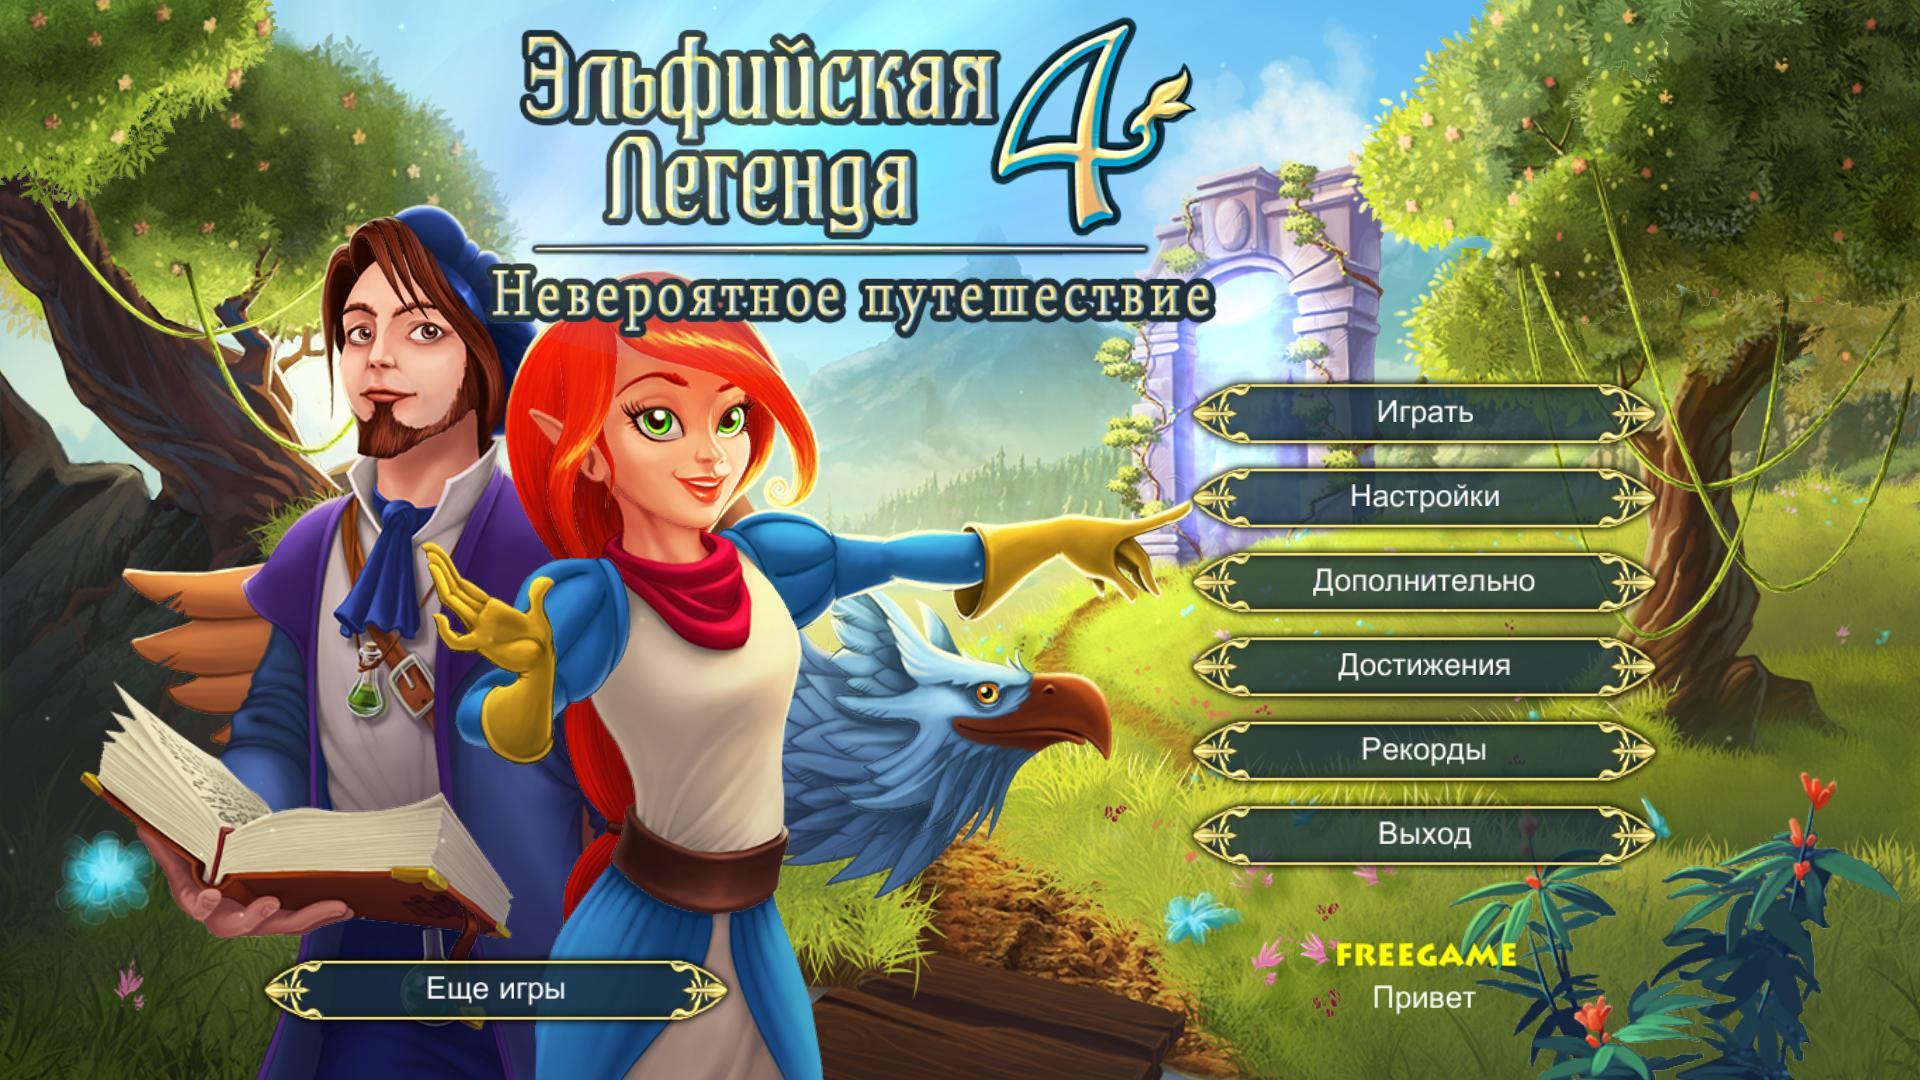 Эльфийская Легенда 4: Невероятное путешествие. Коллекционное издание | Elven Legend 4: The Incredible Journey CE (Rus)